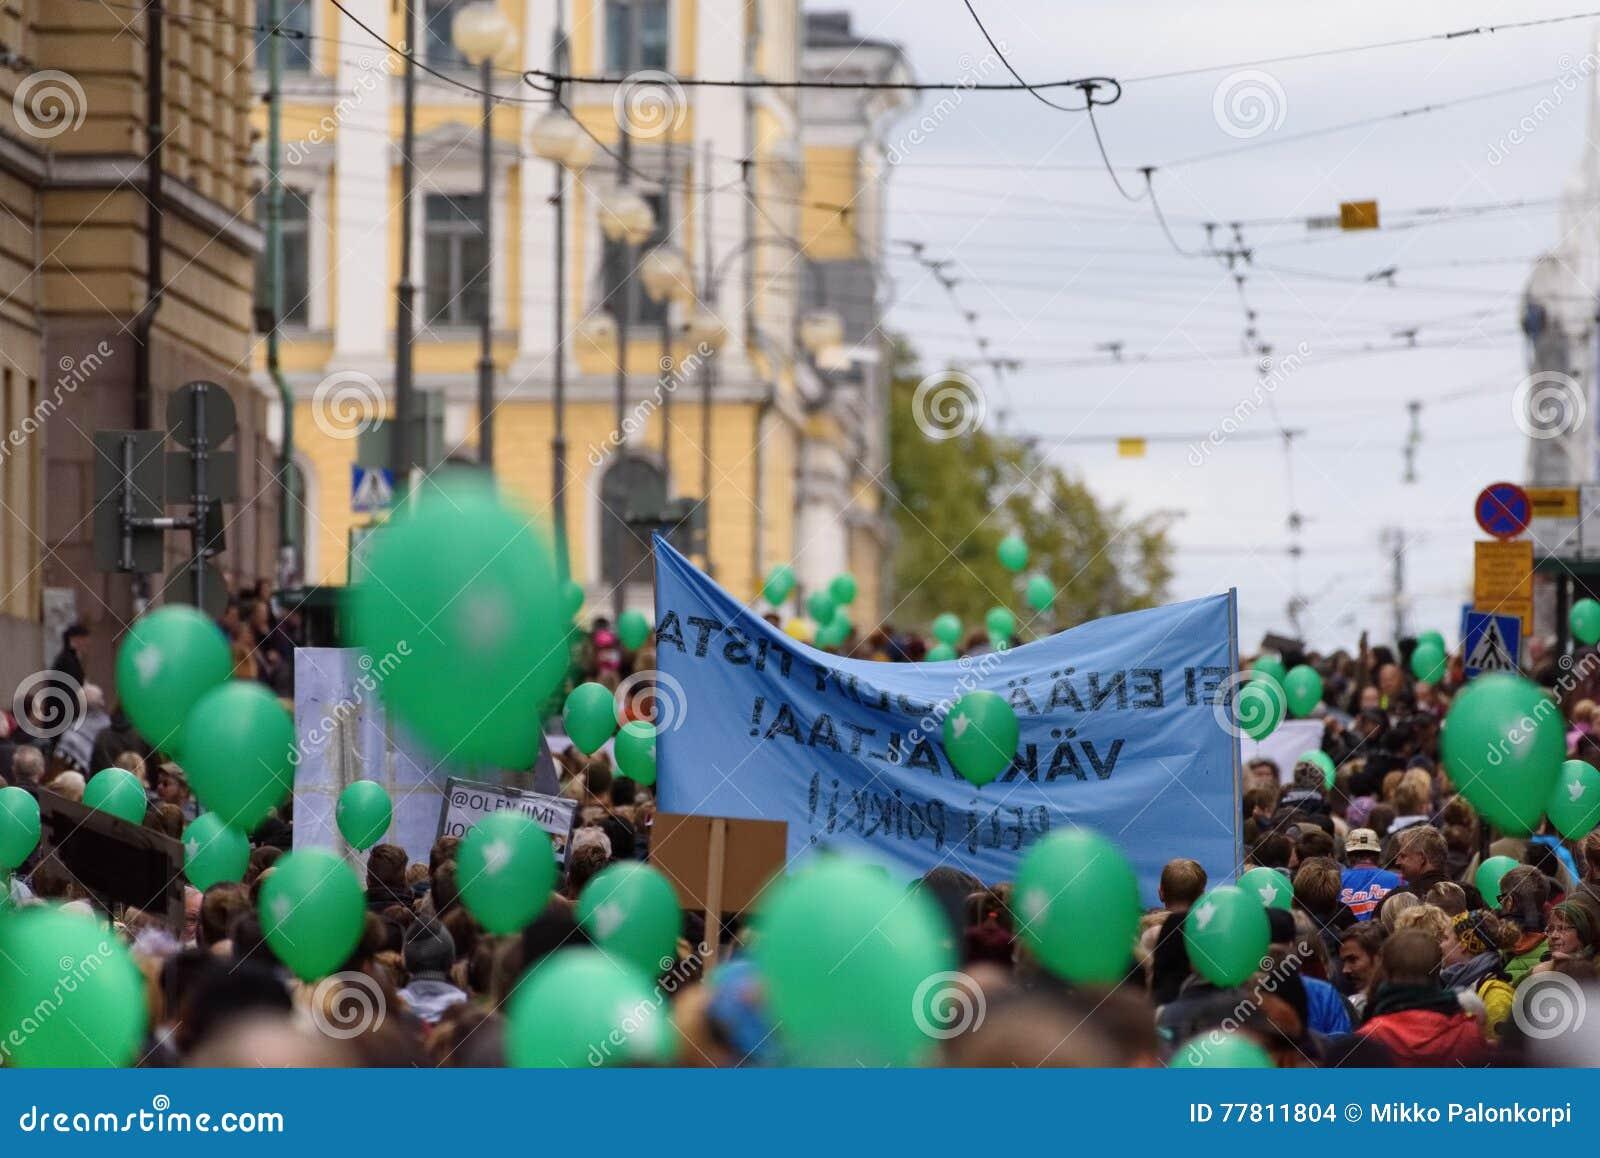 Protestverzameling tegen racisme en rechts extremistisch geweld in Finland